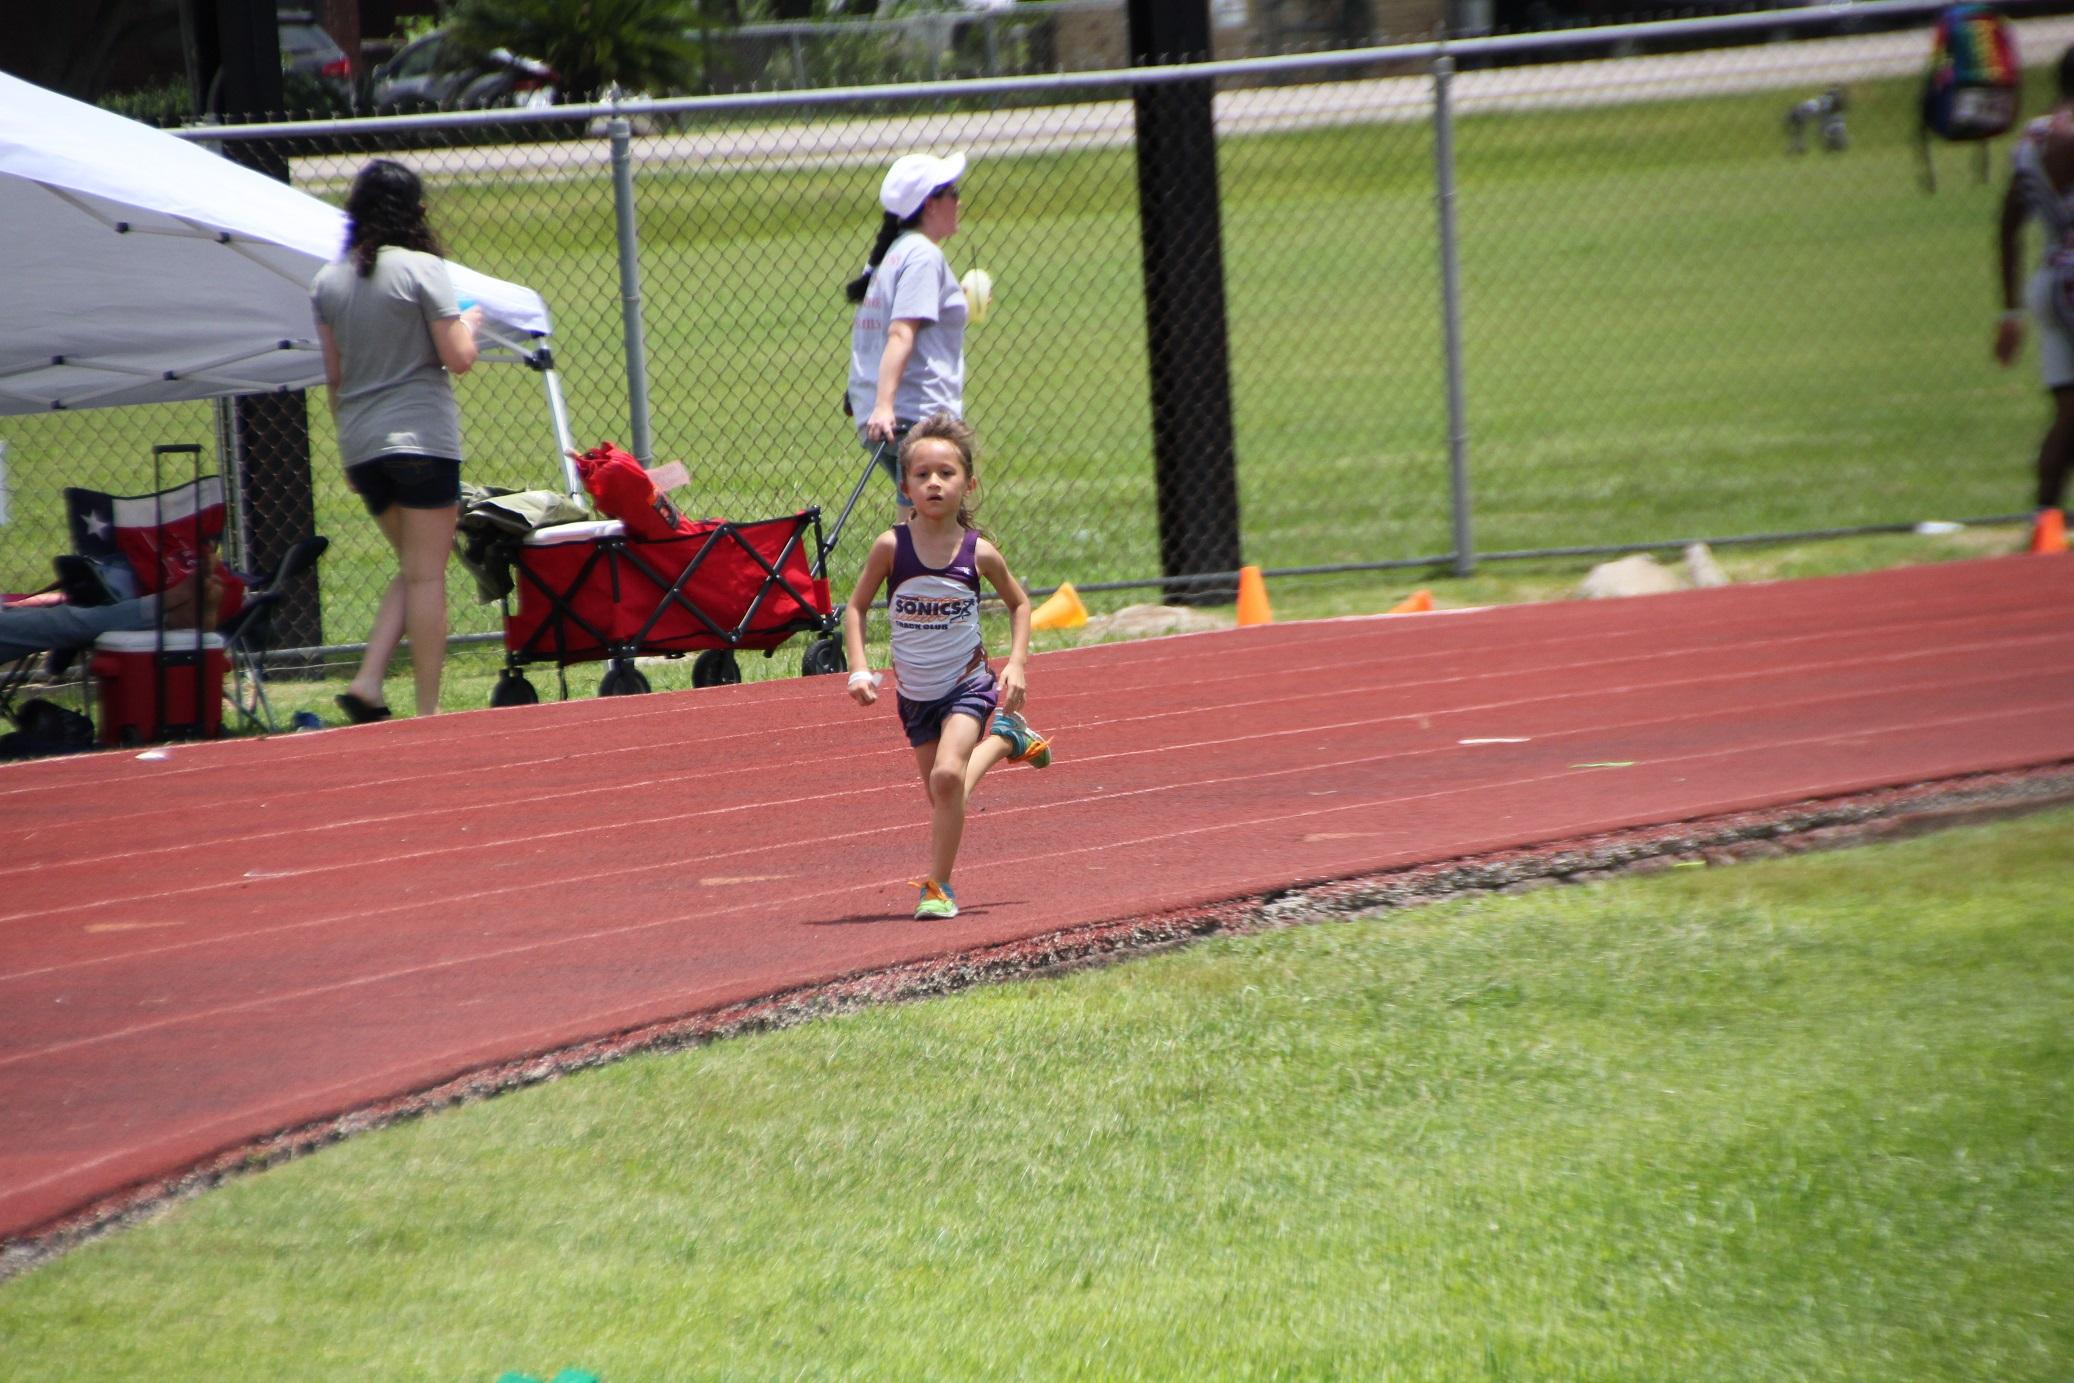 Angela running the 400m